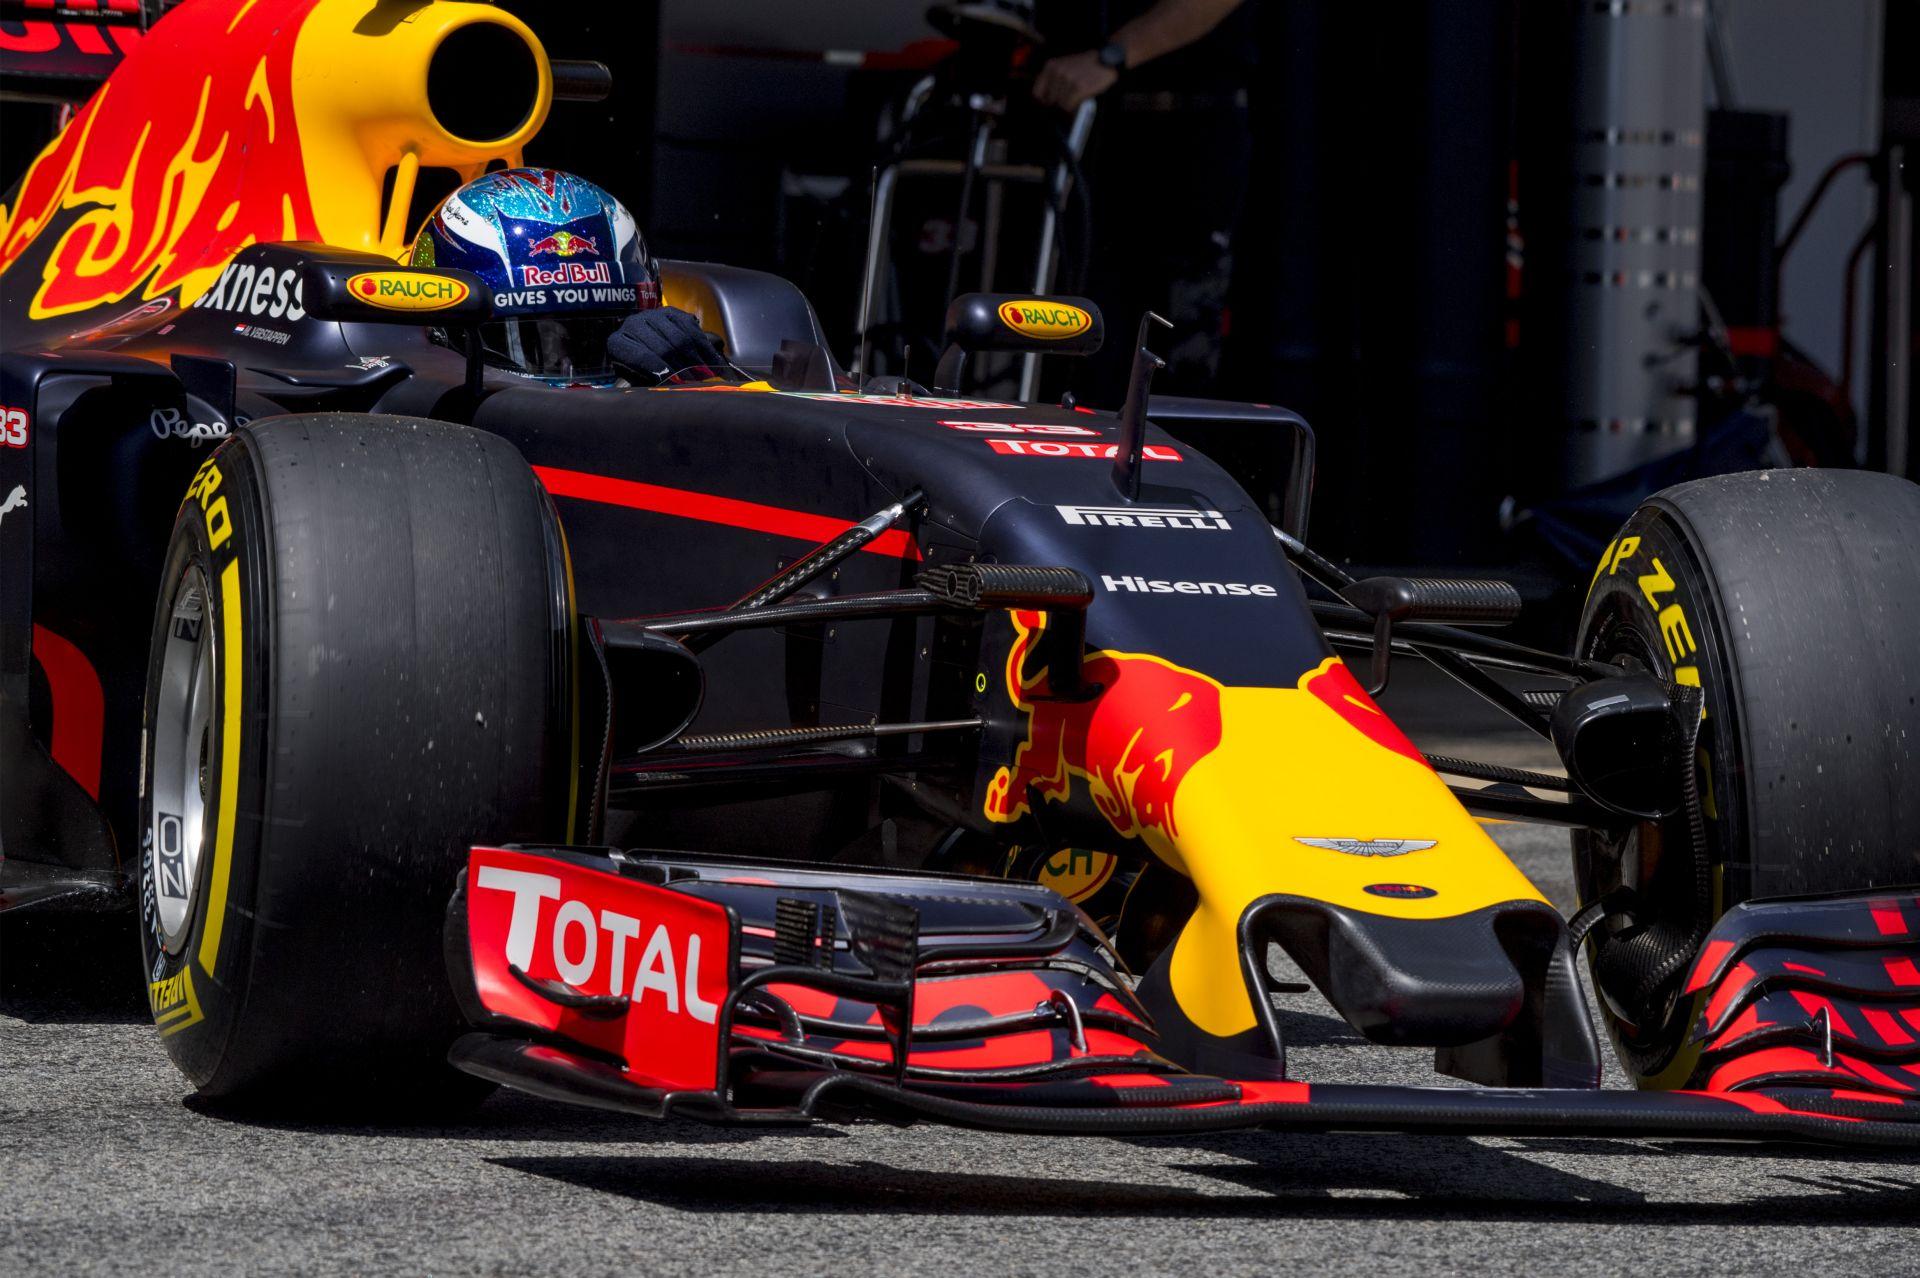 Mintha Verstappennek idő kellene, hogy hozzászokjon a Red Bullhoz... Vicc!